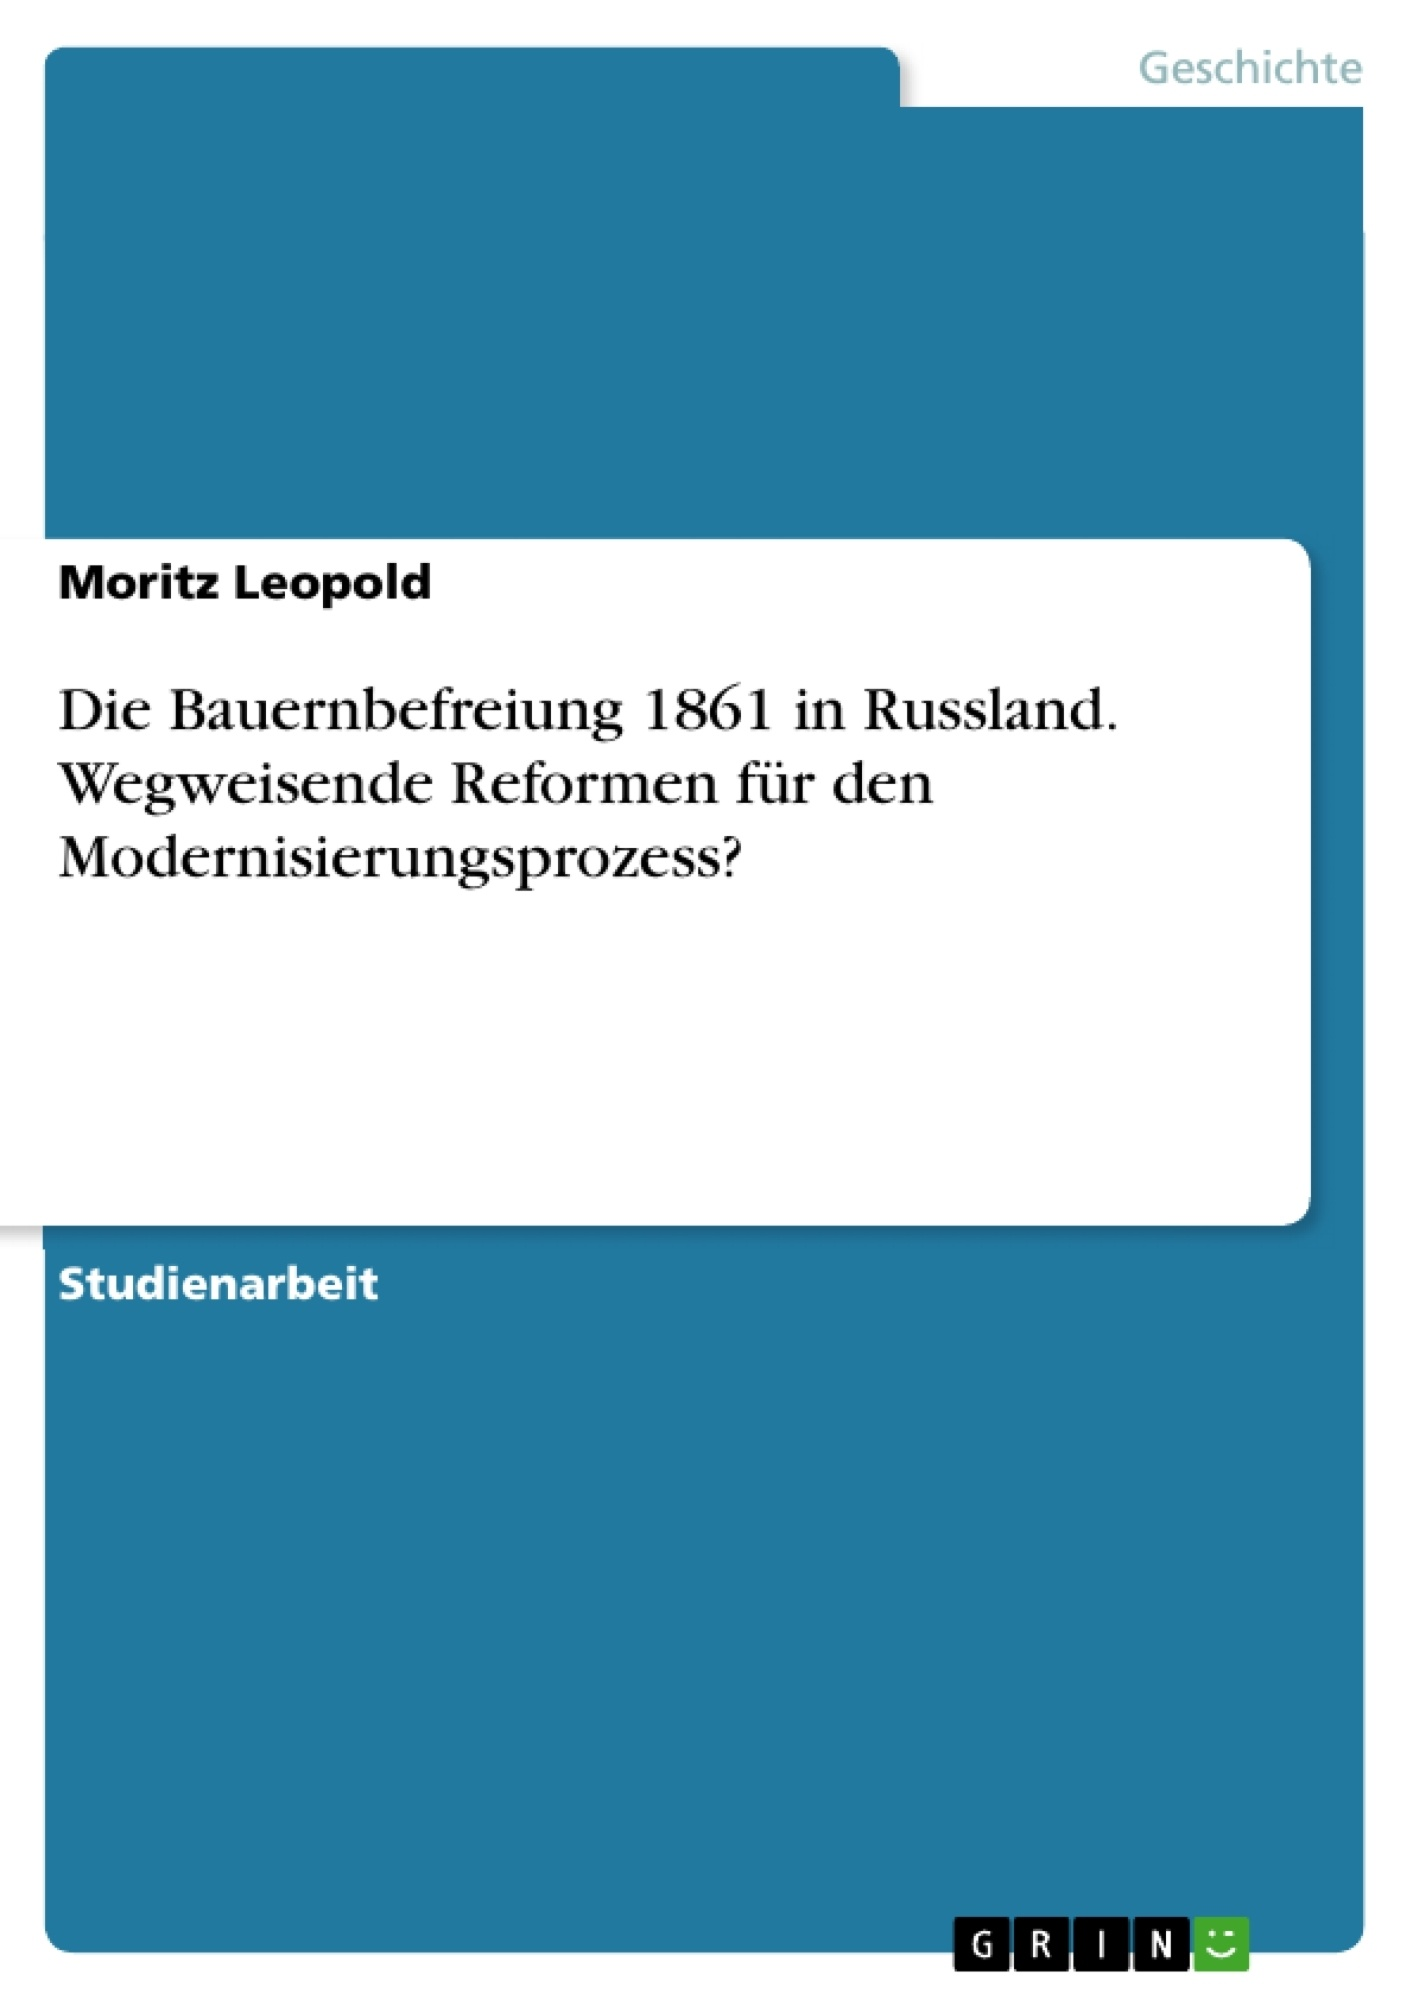 Titel: Die Bauernbefreiung 1861 in Russland. Wegweisende Reformen für den Modernisierungsprozess?